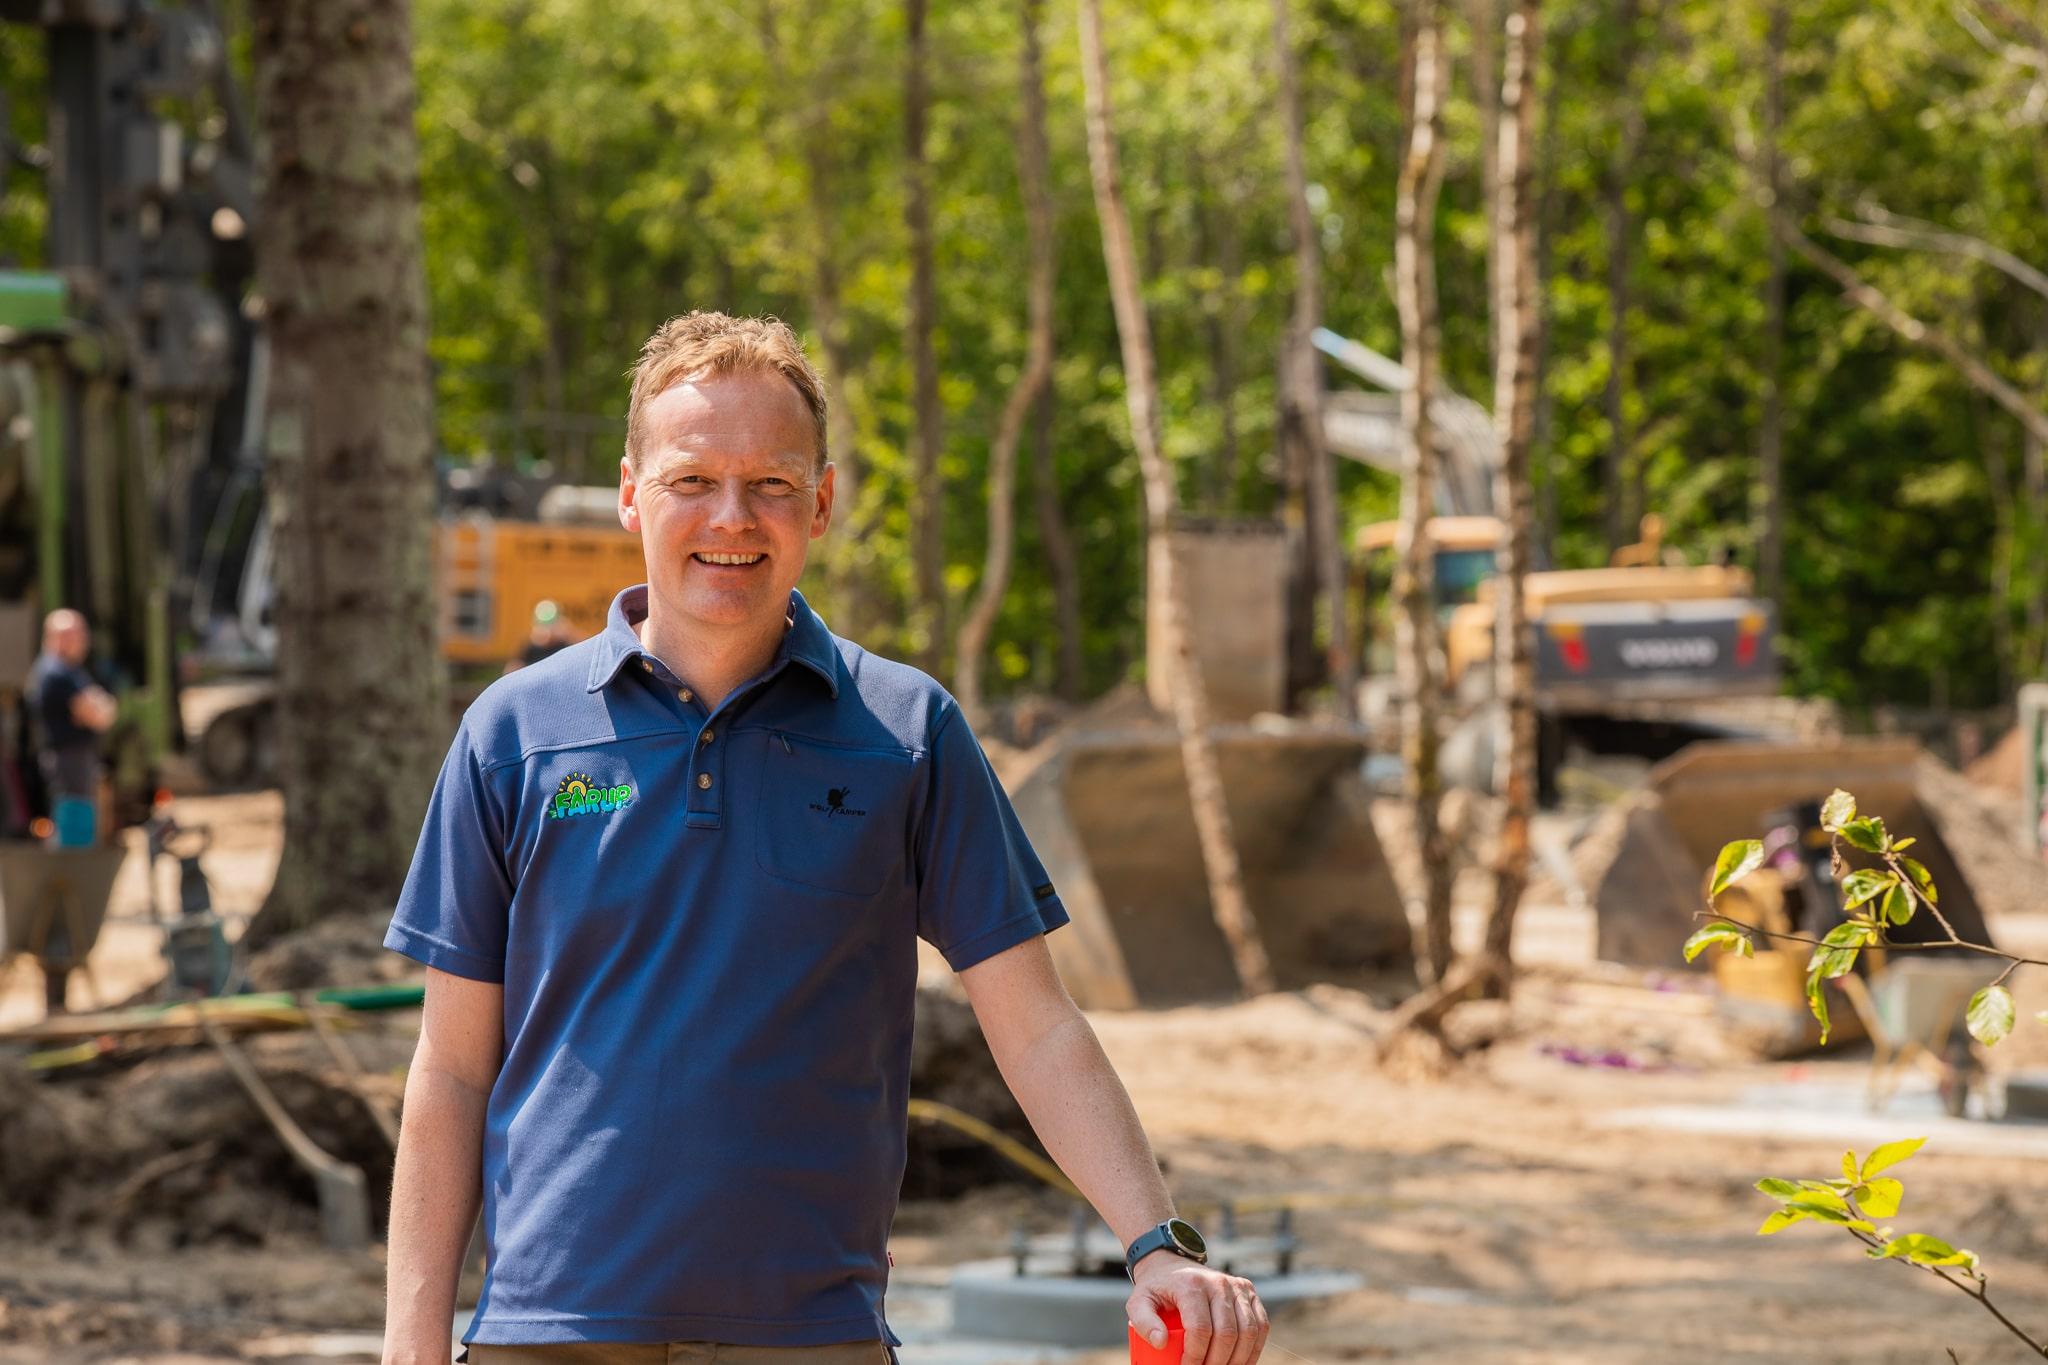 Den nye rutsjebane Fønix koster næsten 100 mio. kr., men er et vigtigt skridt for at løfte Fårup Sommerland ud af coronakrisen, siger parkens direktør, Niels Jørgen Jensen. (PR-foto)